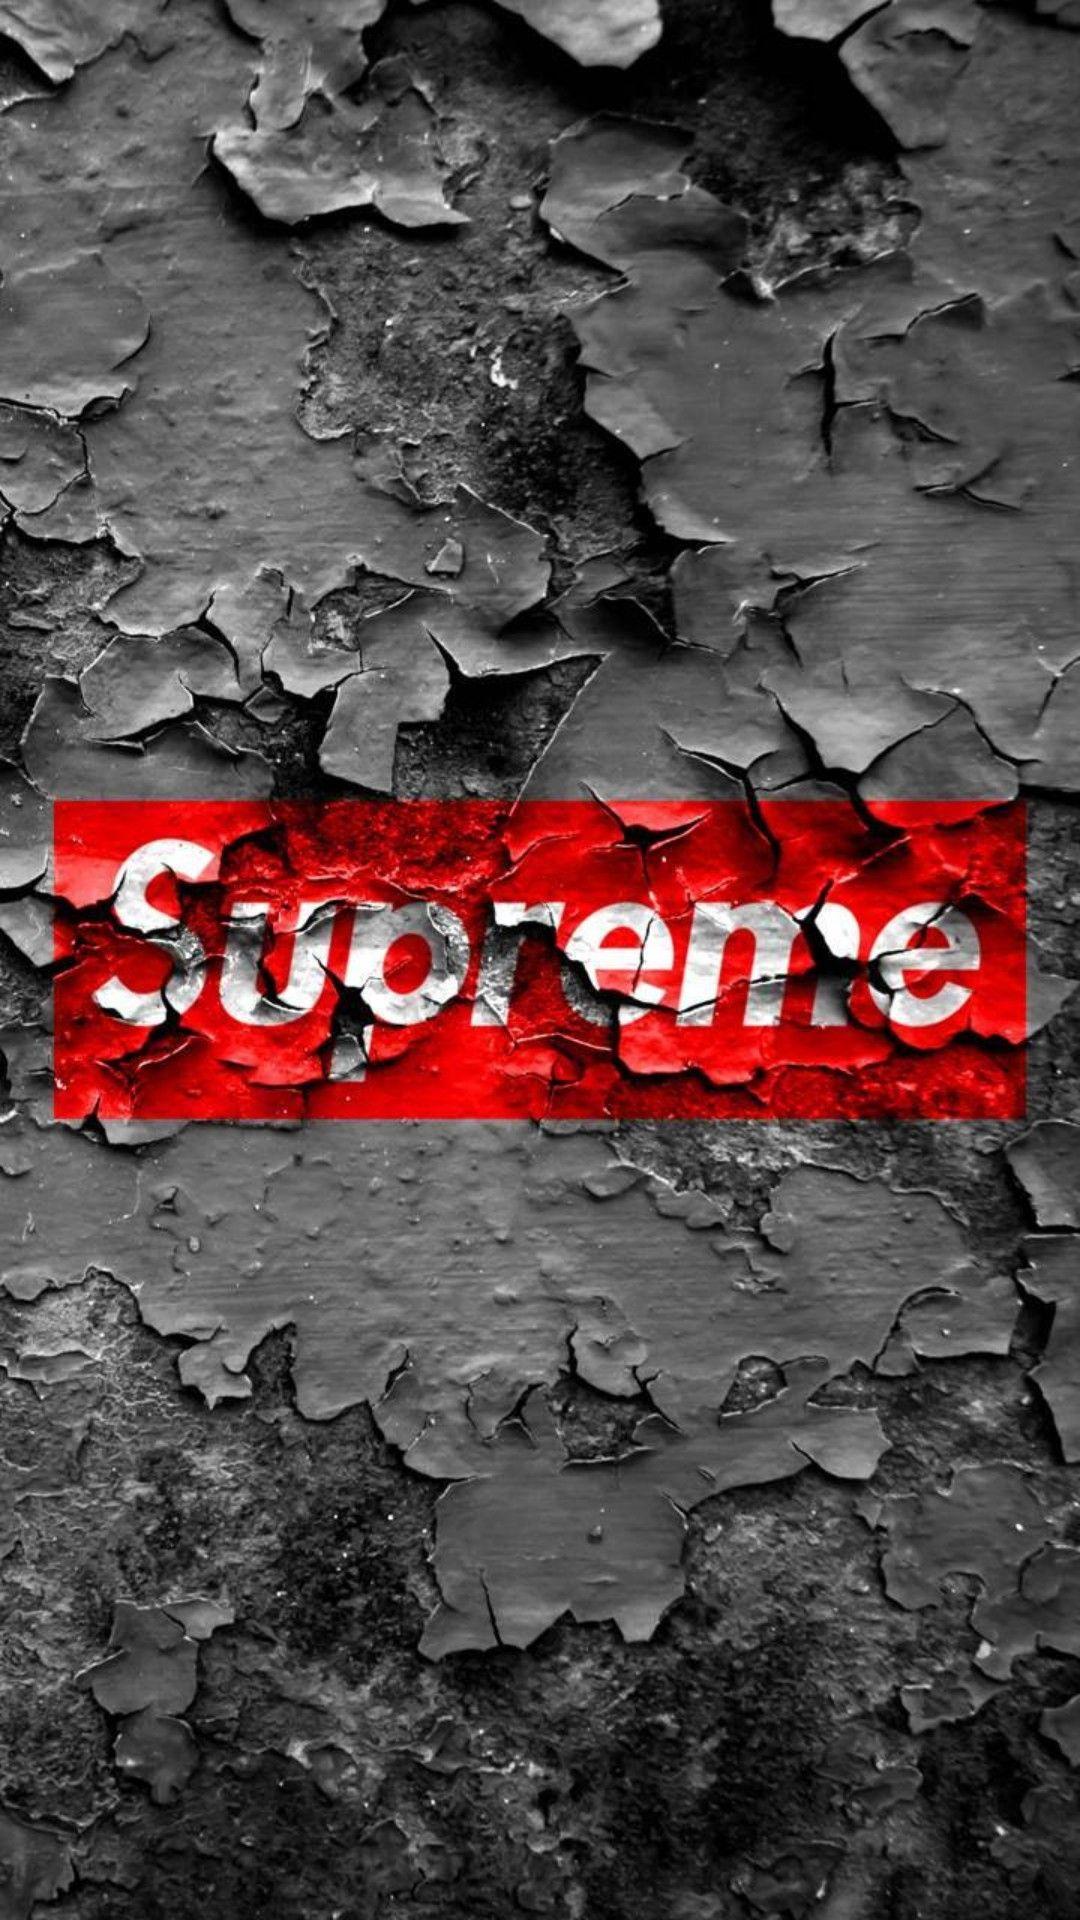 Supreme Wallpapers Sfondi Iphone Sfondi Per Iphone Sfondi